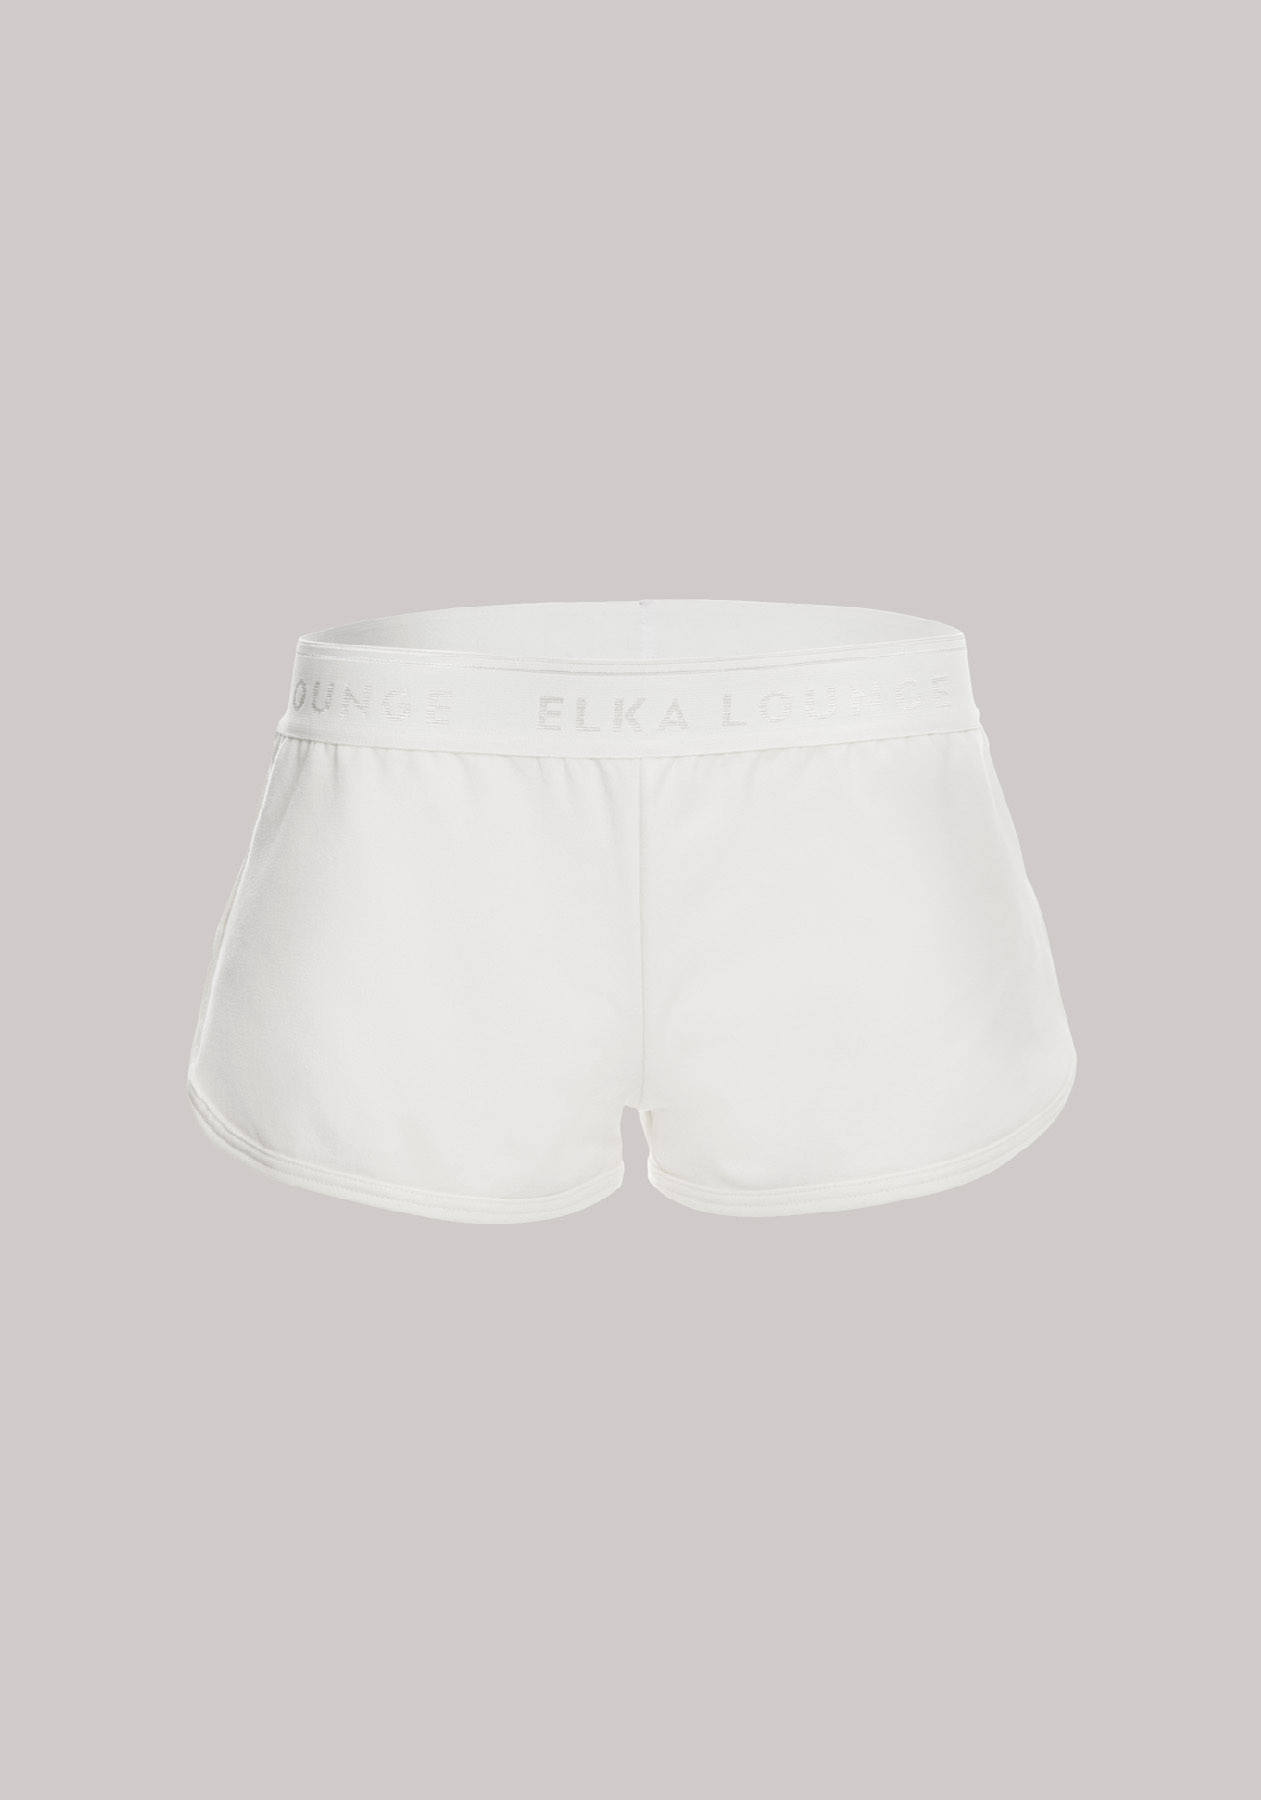 Women-shorts-ELKA-Lounge-W00550